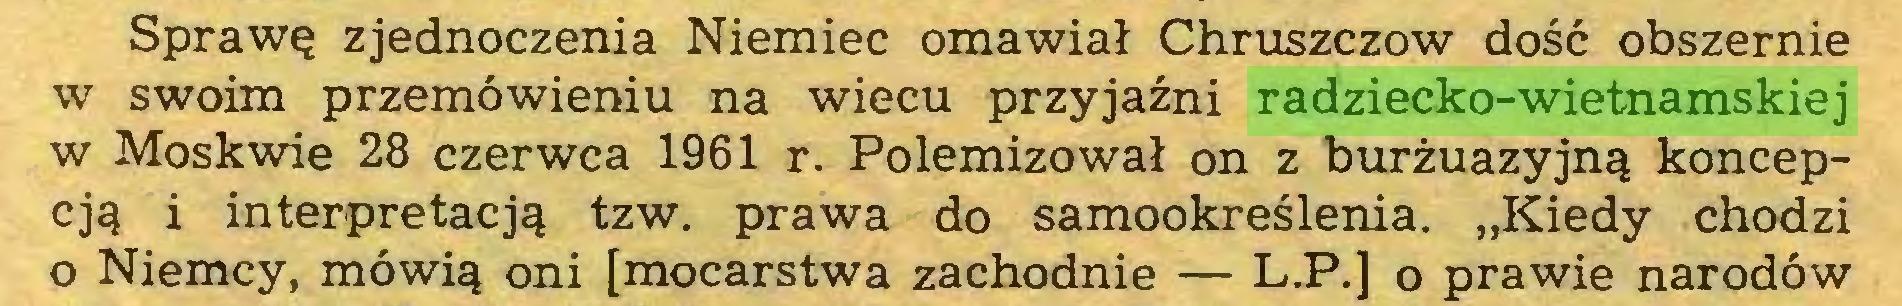 """(...) Sprawę zjednoczenia Niemiec omawiał Chruszczów dość obszernie w swoim przemówieniu na wiecu przyjaźni radziecko-wietnamskiej w Moskwie 28 czerwca 1961 r. Polemizował on z burżuazyjną koncepcją i interpretacją tzw. prawa do samookreślenia. """"Kiedy chodzi o Niemcy, mówią oni [mocarstwa zachodnie — L.P.] o prawie narodów..."""